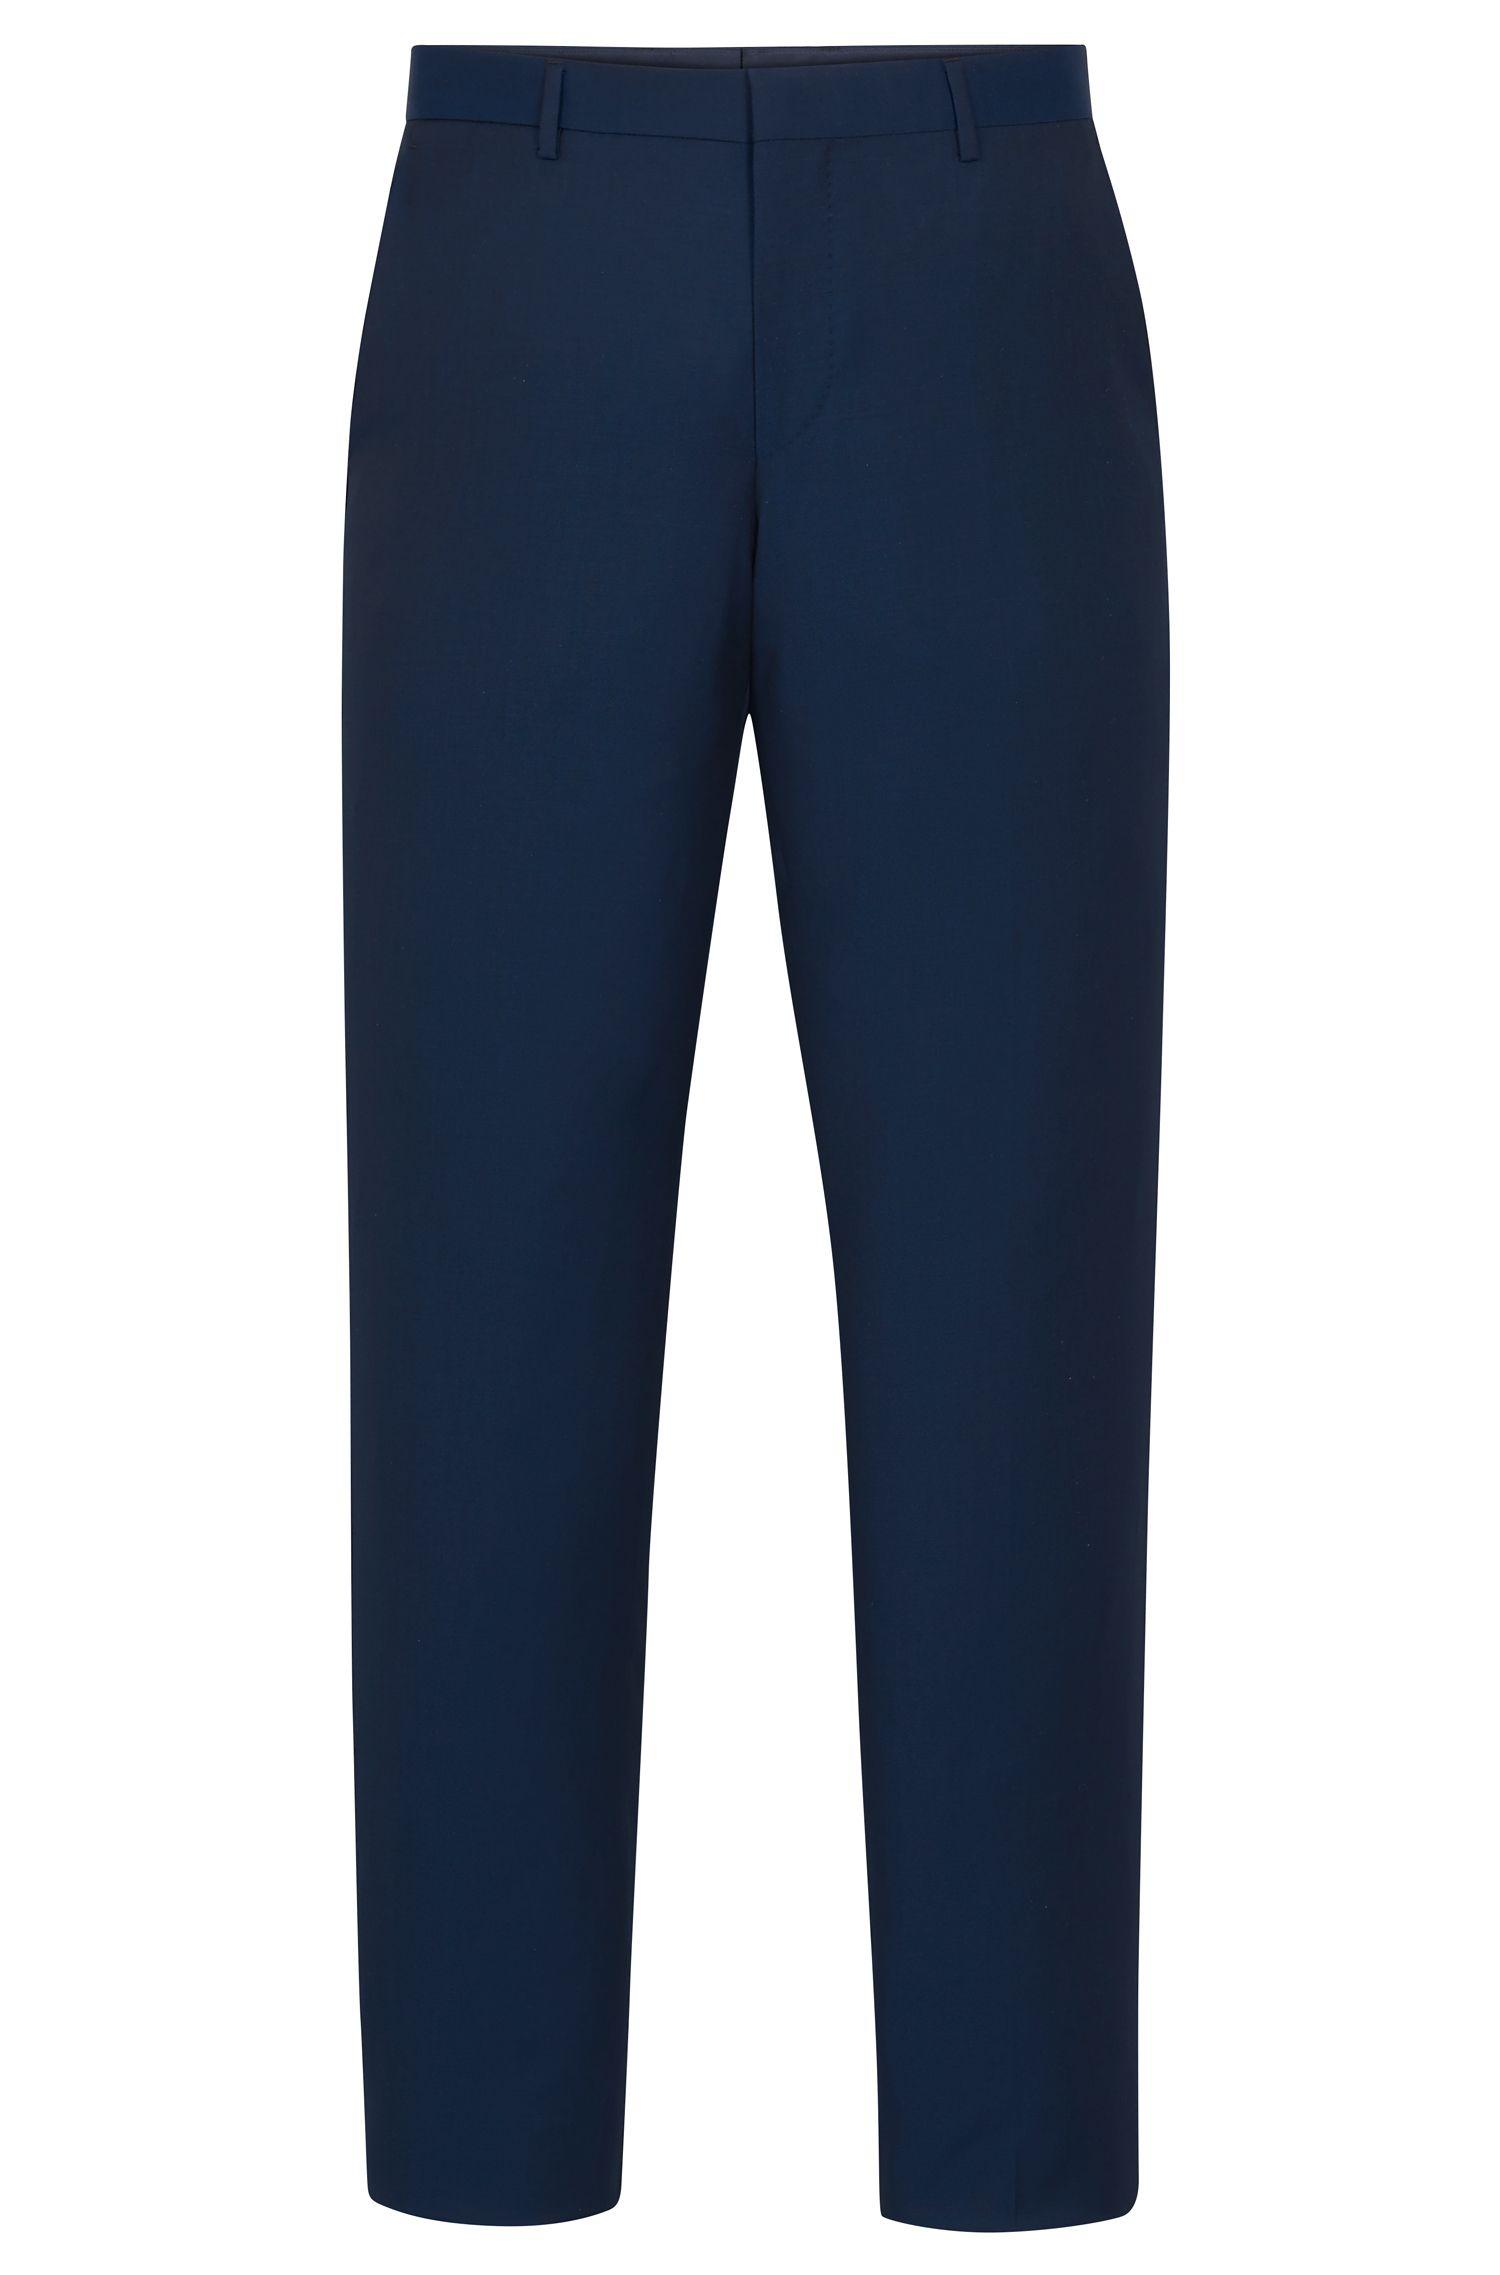 Virgin Wool Dress Pants, Slim Fit | Balte